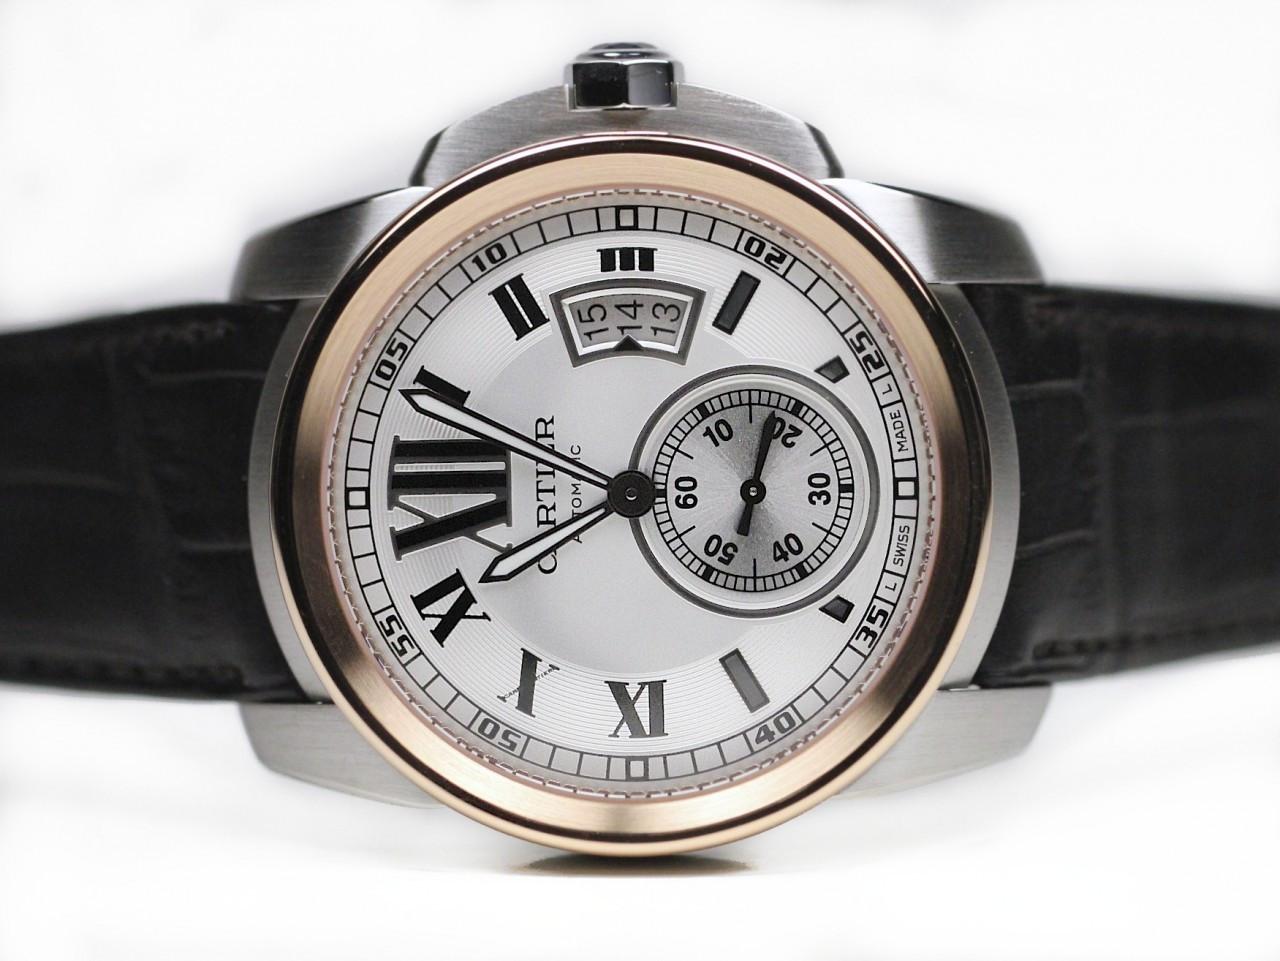 Cartier Watches Caliber De Cartier Pink Gold and Steel ...